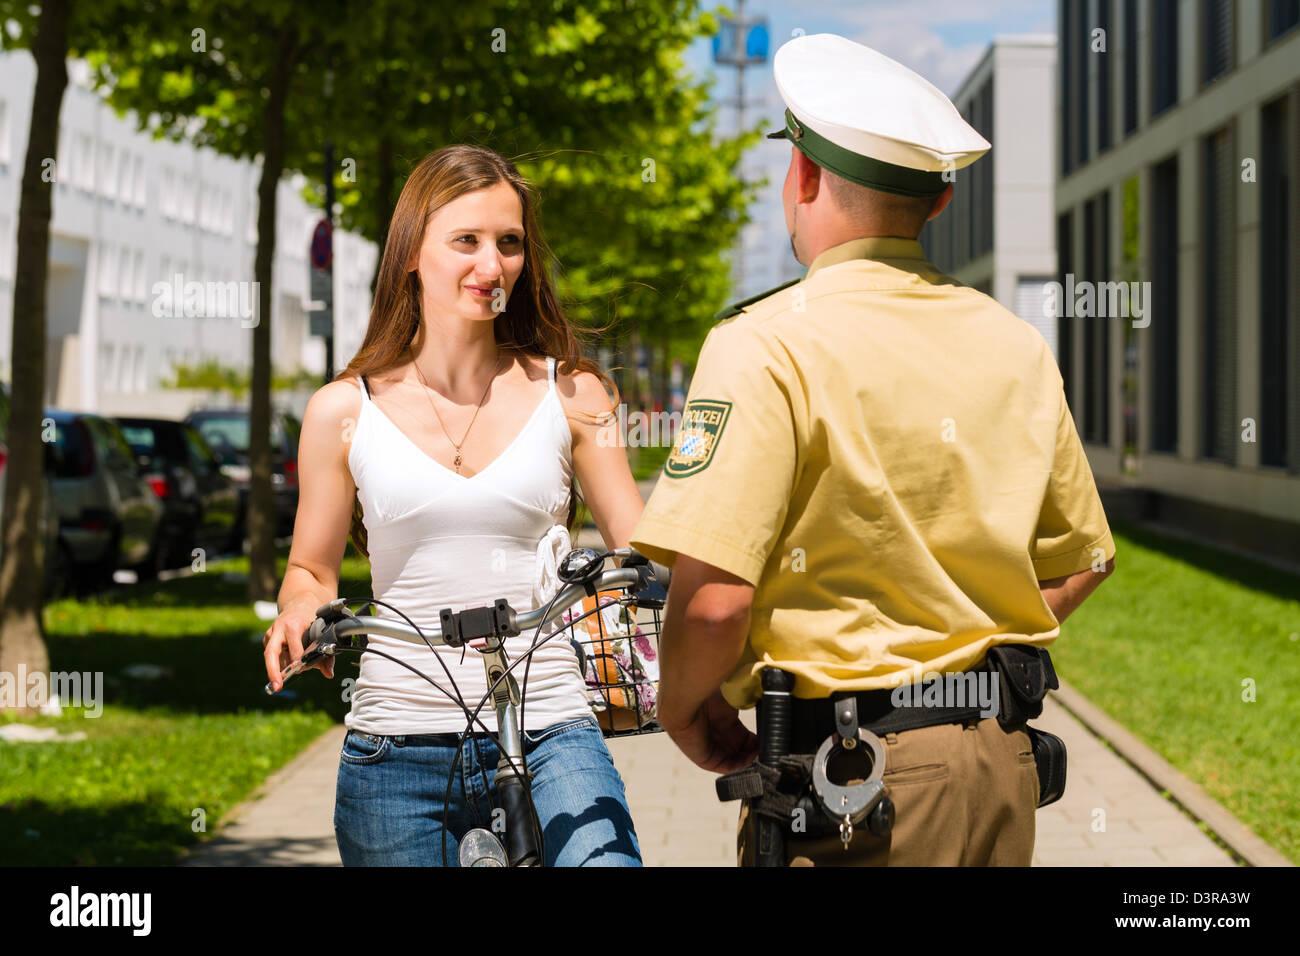 Policía - joven en bicicleta con el oficial de la policía de control de tráfico Imagen De Stock